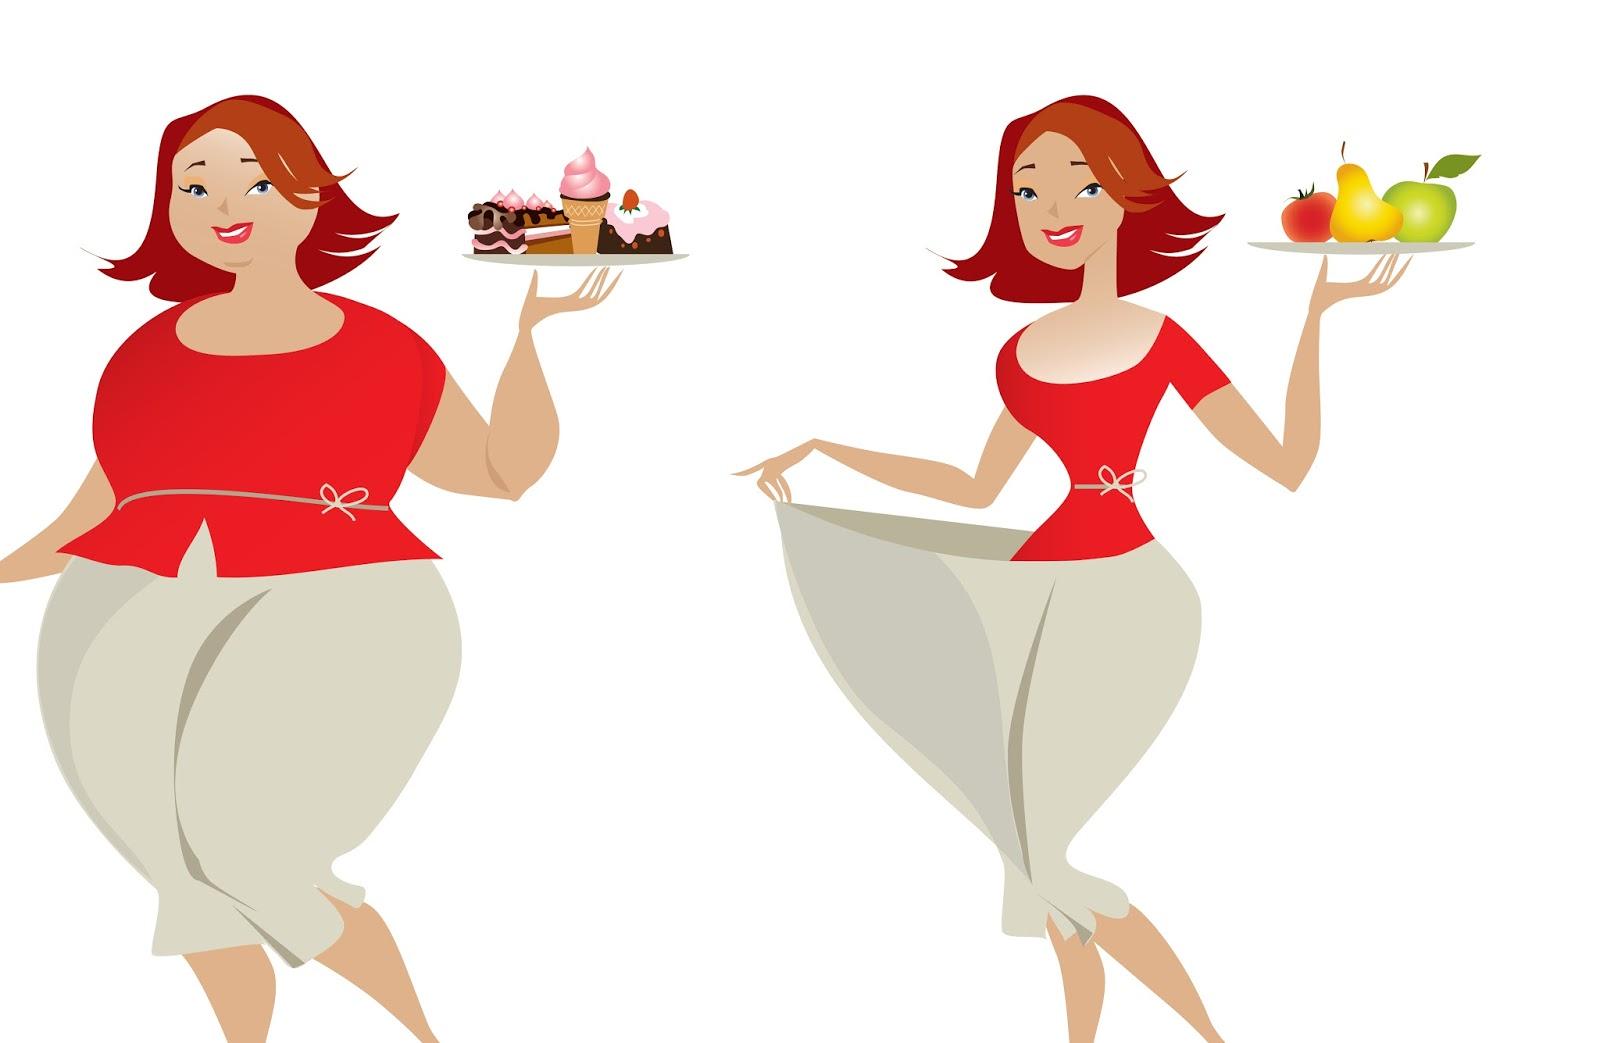 بالصور رياضه لتخفيف الوزن , الرياضه و الصحه السليمة 1597 2